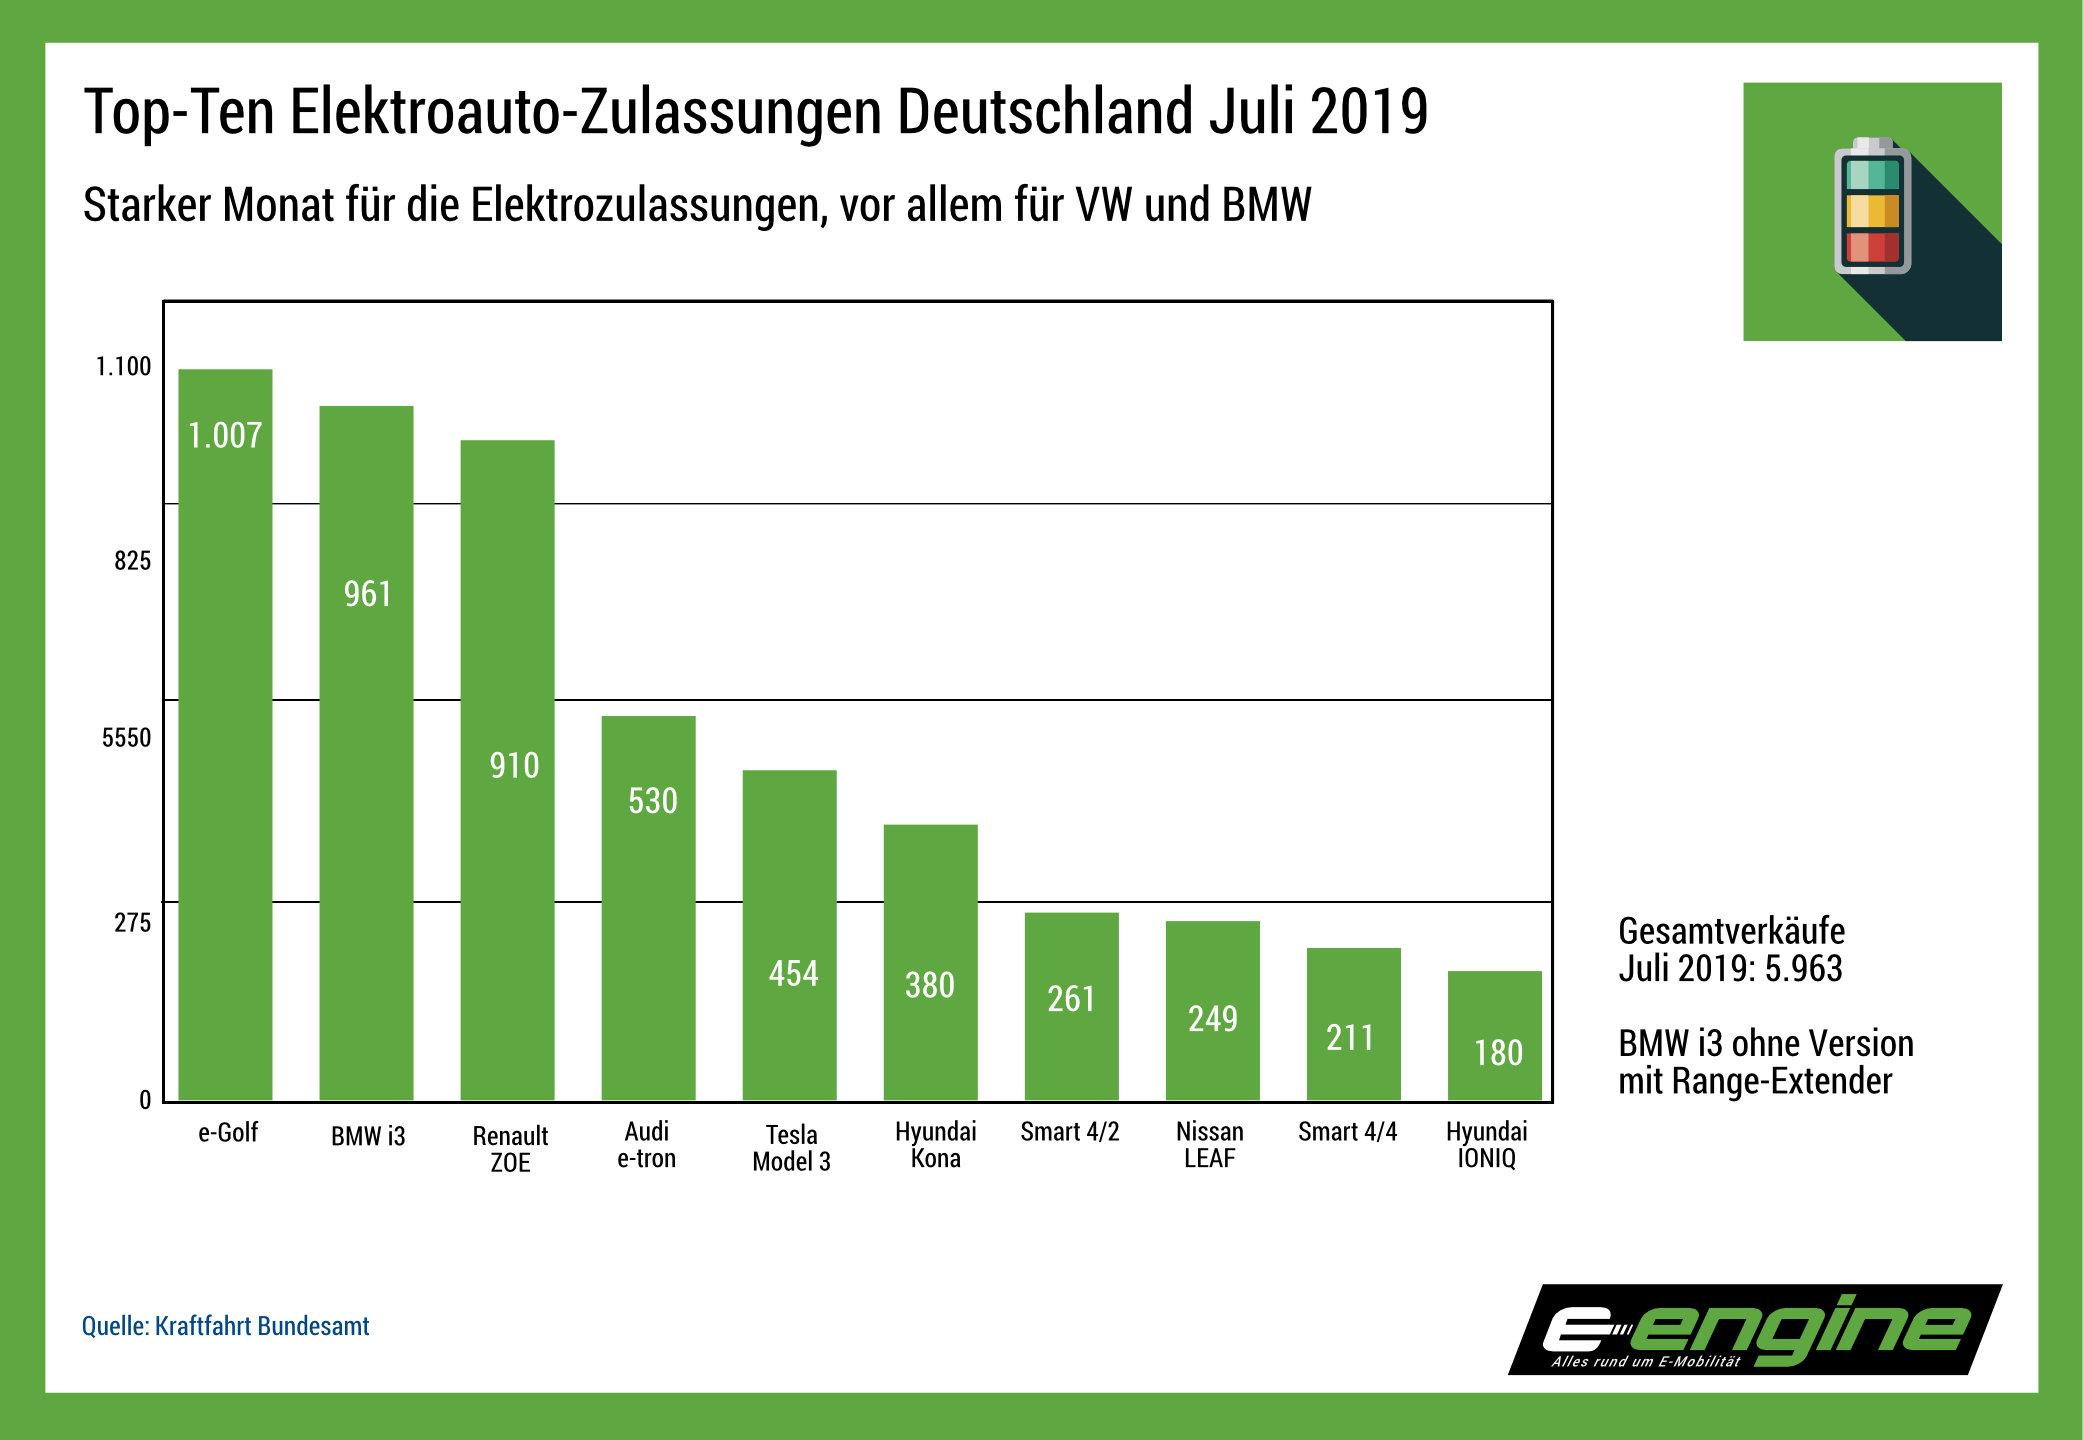 Chart der Woche: Juli-Zulassungen Stromer, e-Golf überrascht, BMW vor Renault